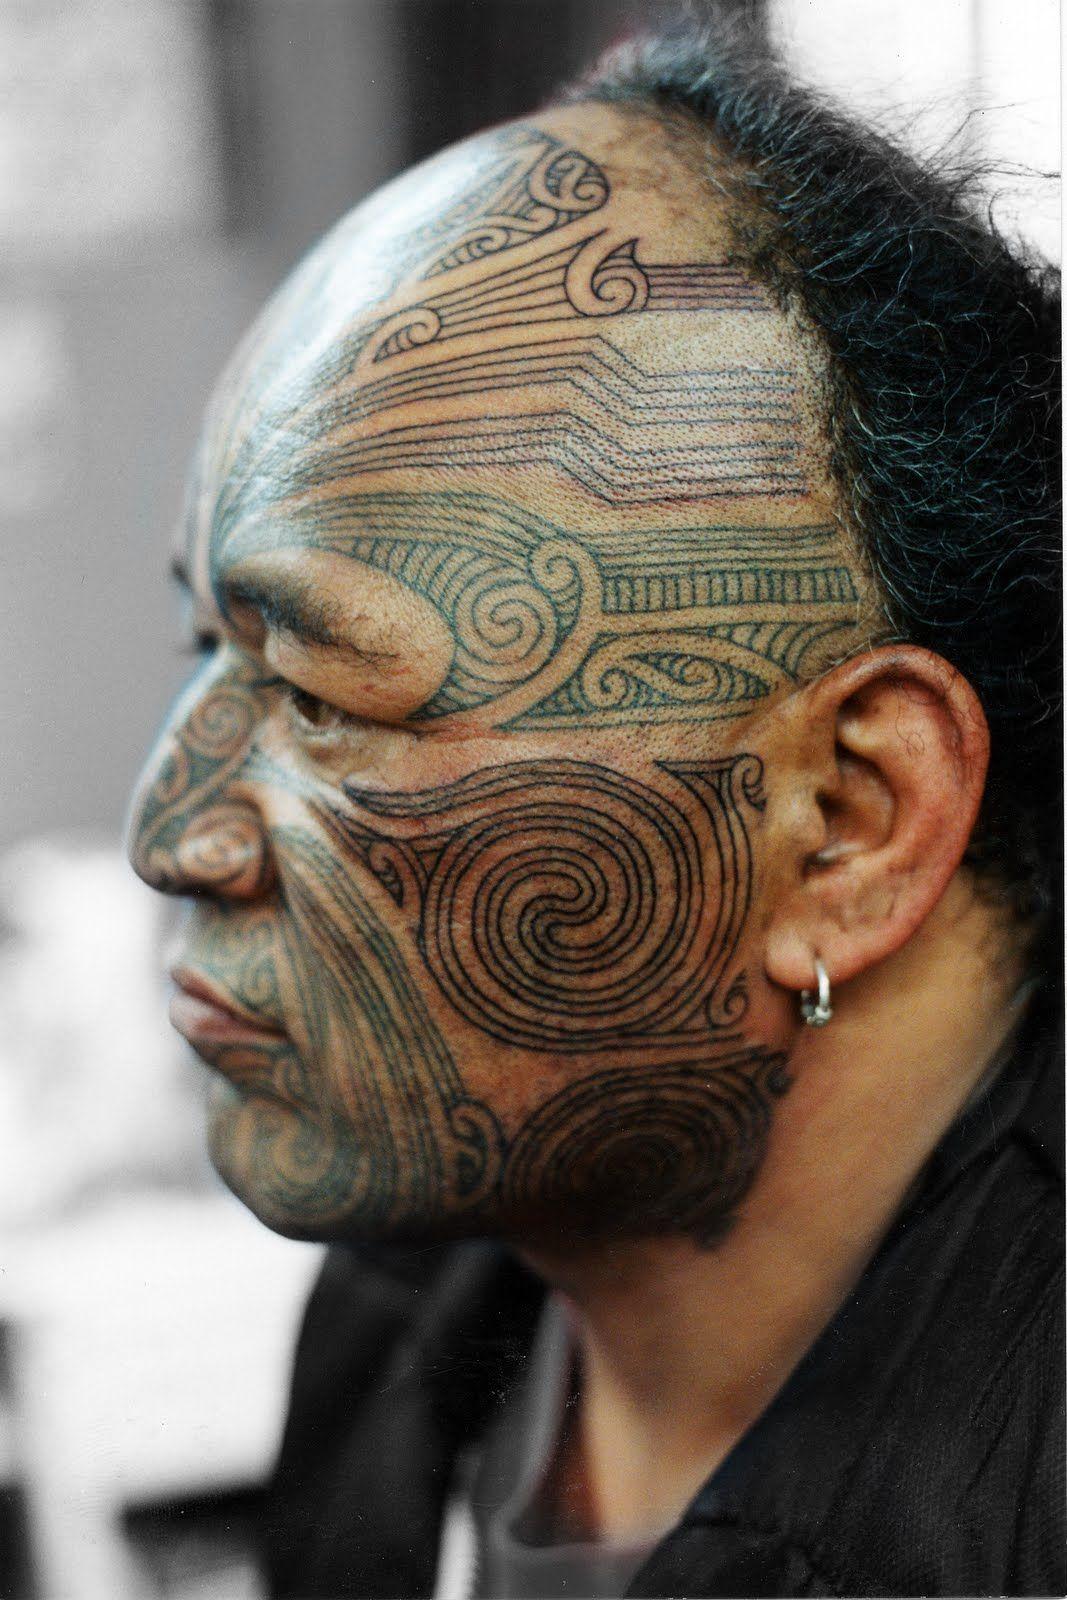 Maori Moko Email This BlogThis! Share to Twitter Share